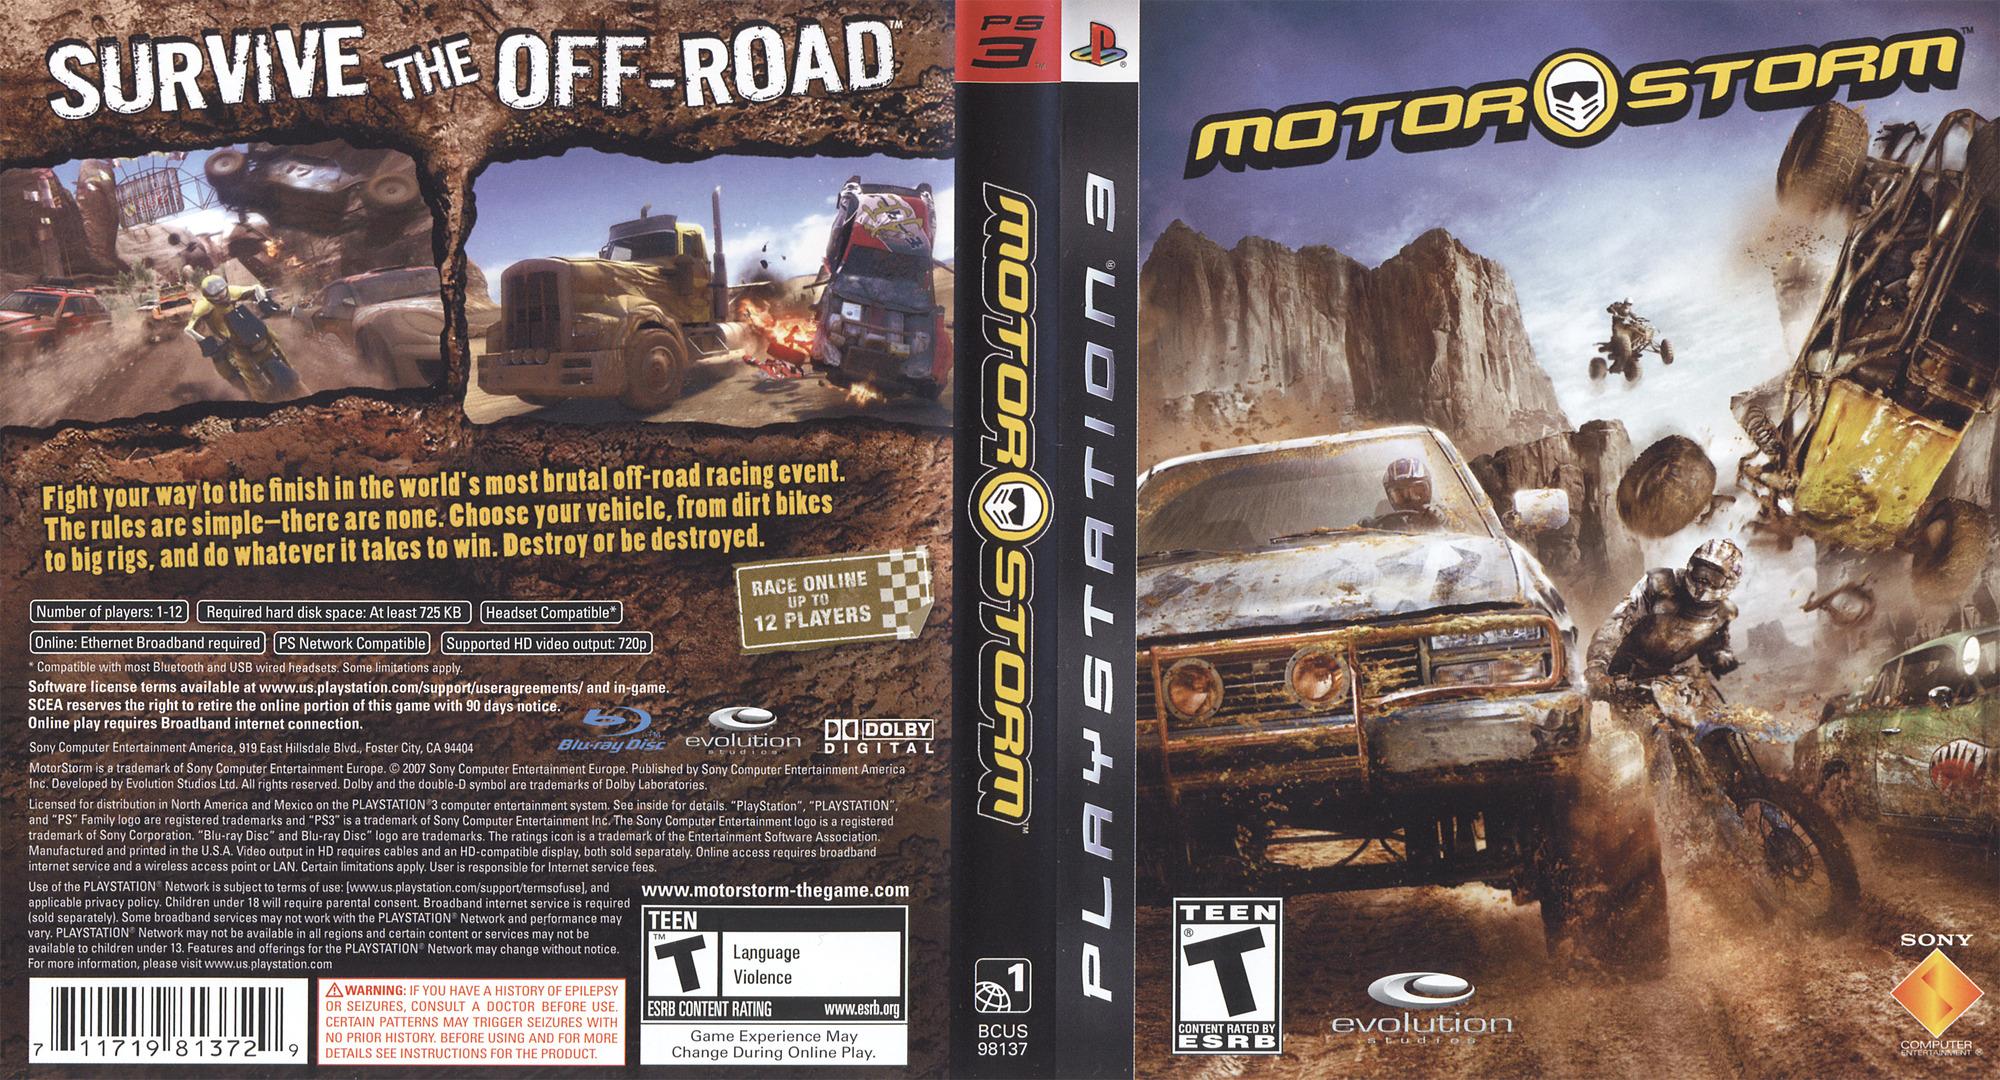 MotorStorm PS3 coverfullHQ (BCUS98137)